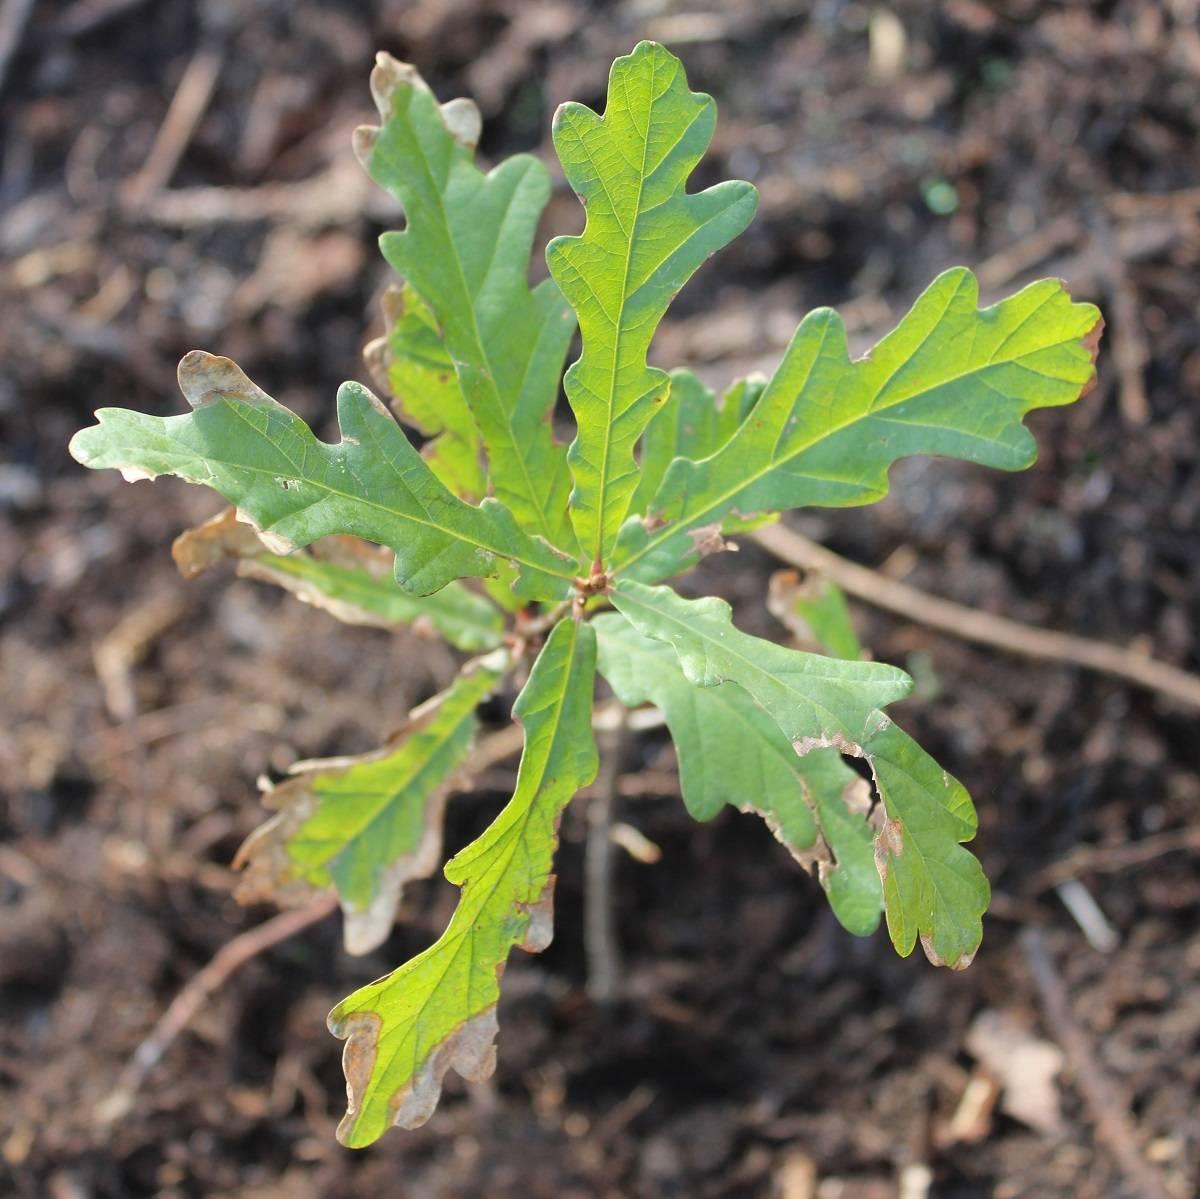 An oak sapling